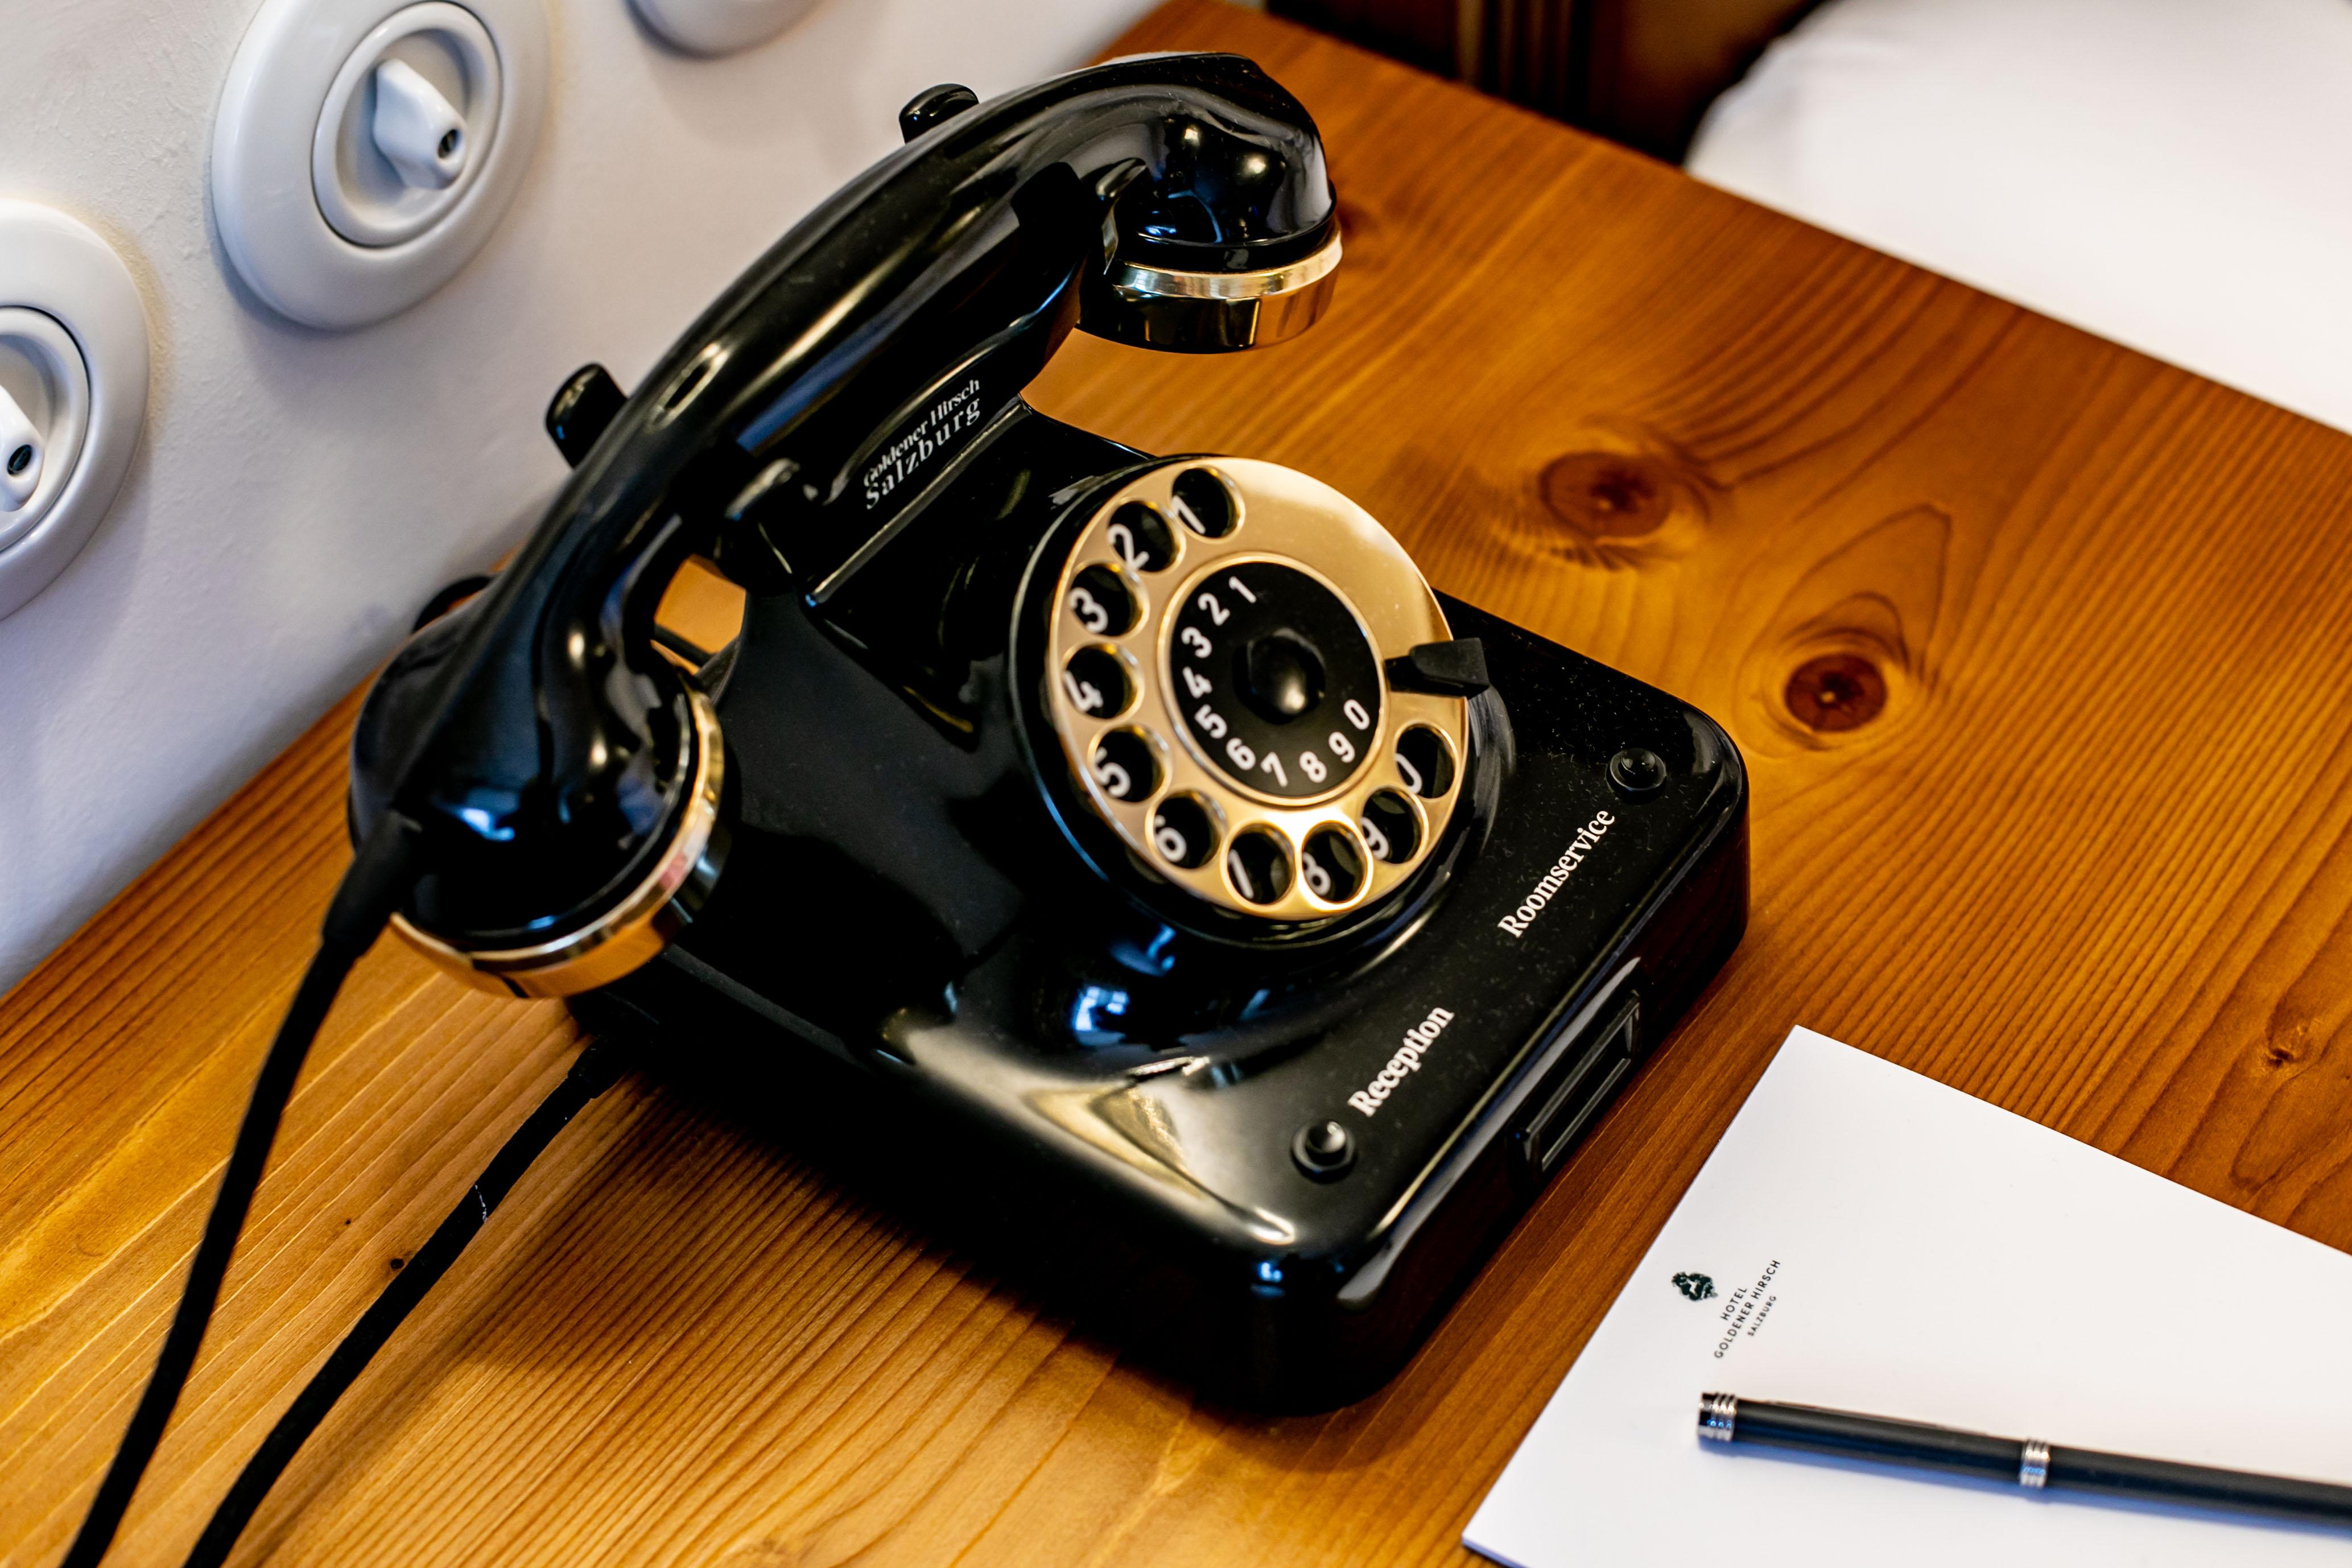 Wählscheibentelefon wie früher. ©www.wildbild.at